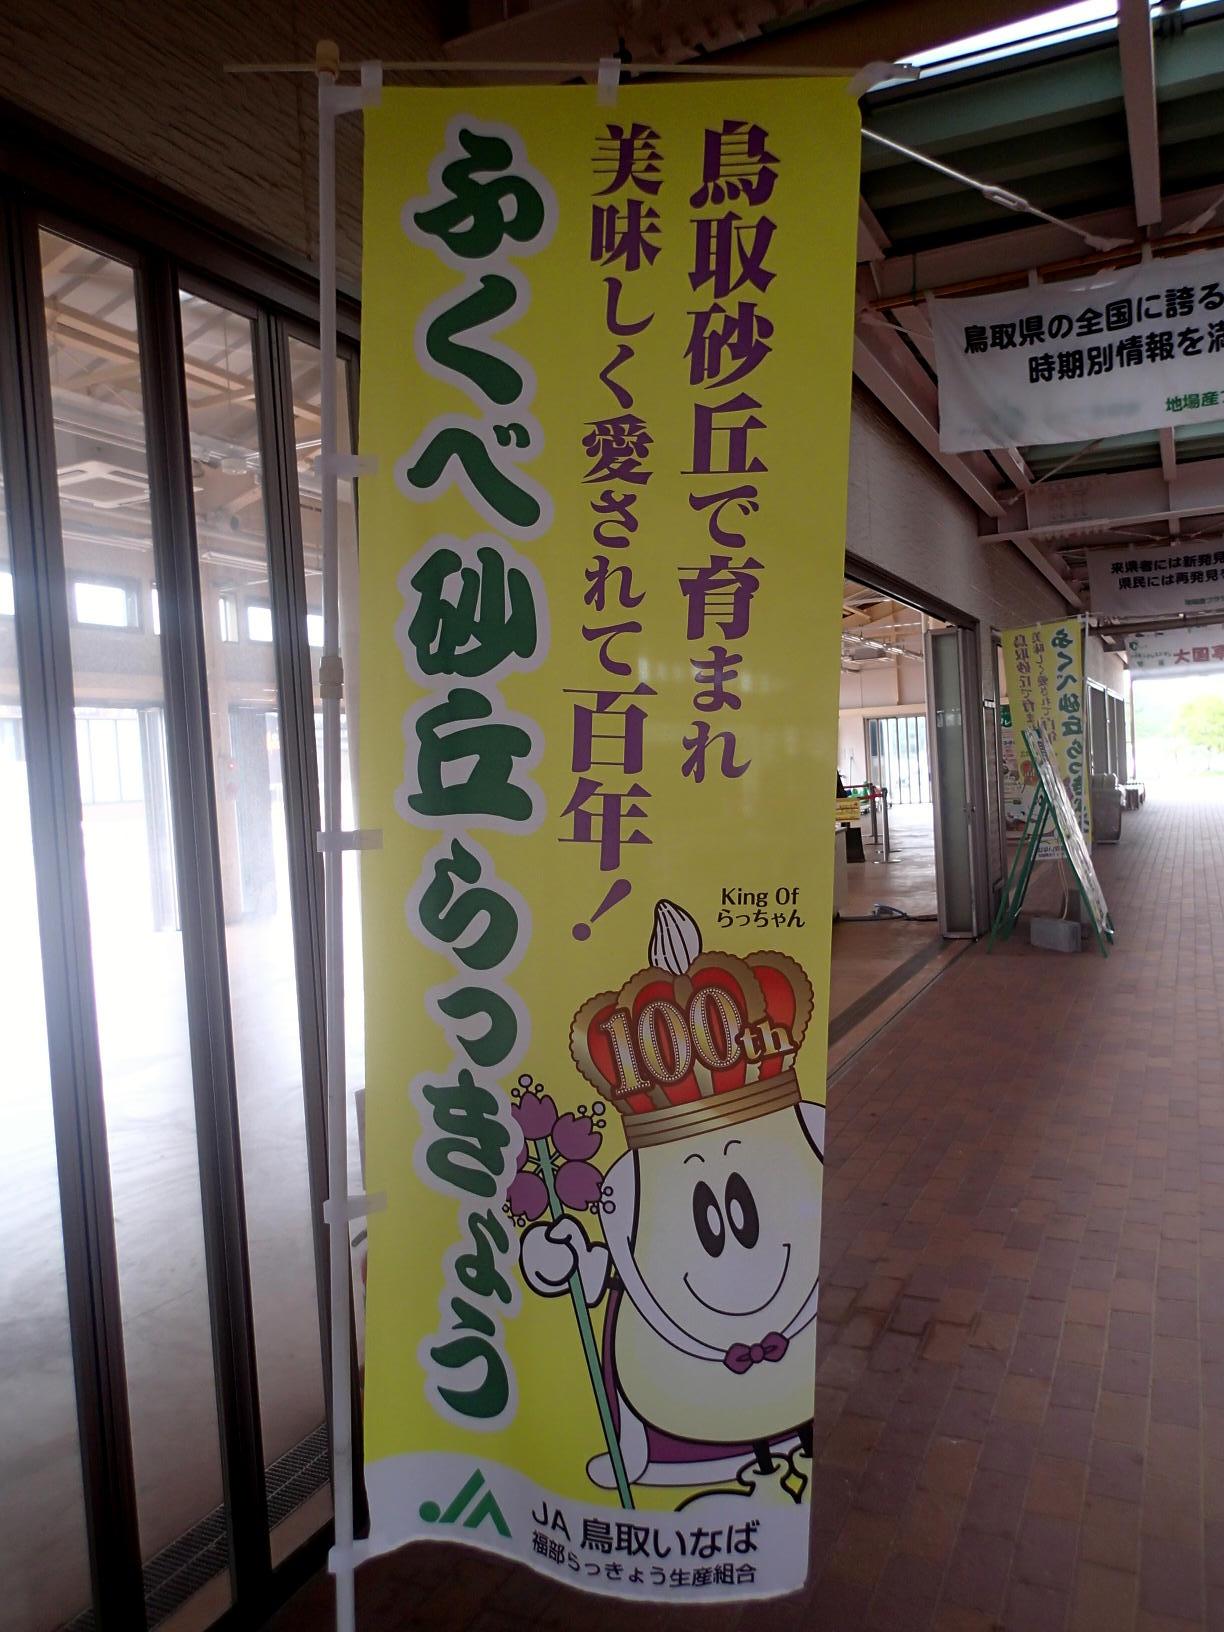 鳥取県直売所地場産プラザ「わったいな」へ行ってきました